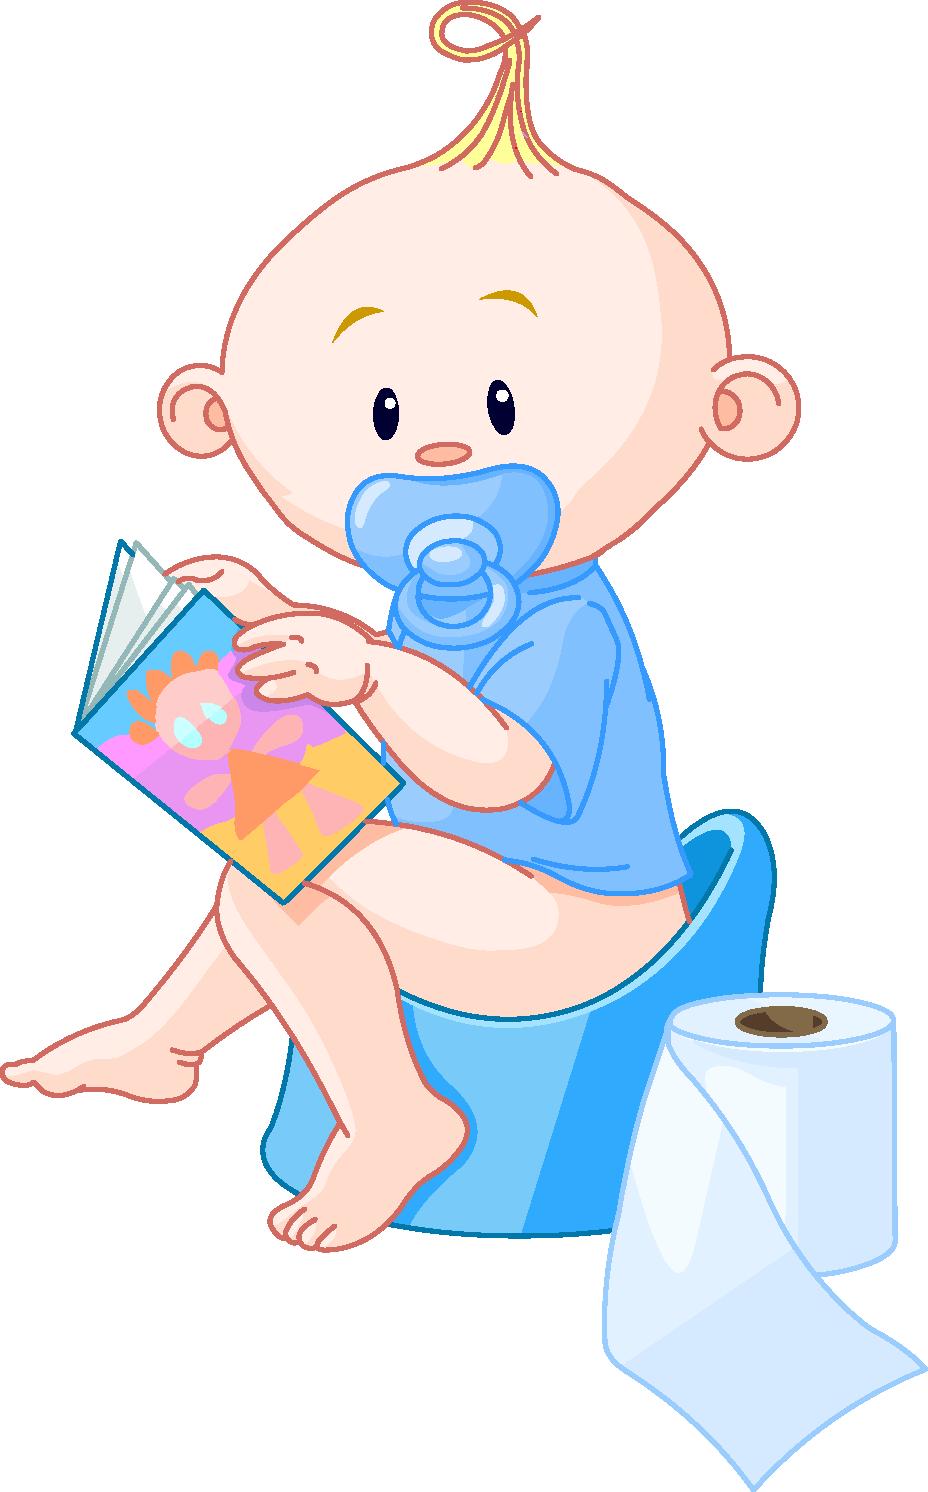 Illustration af baby siddende på potte